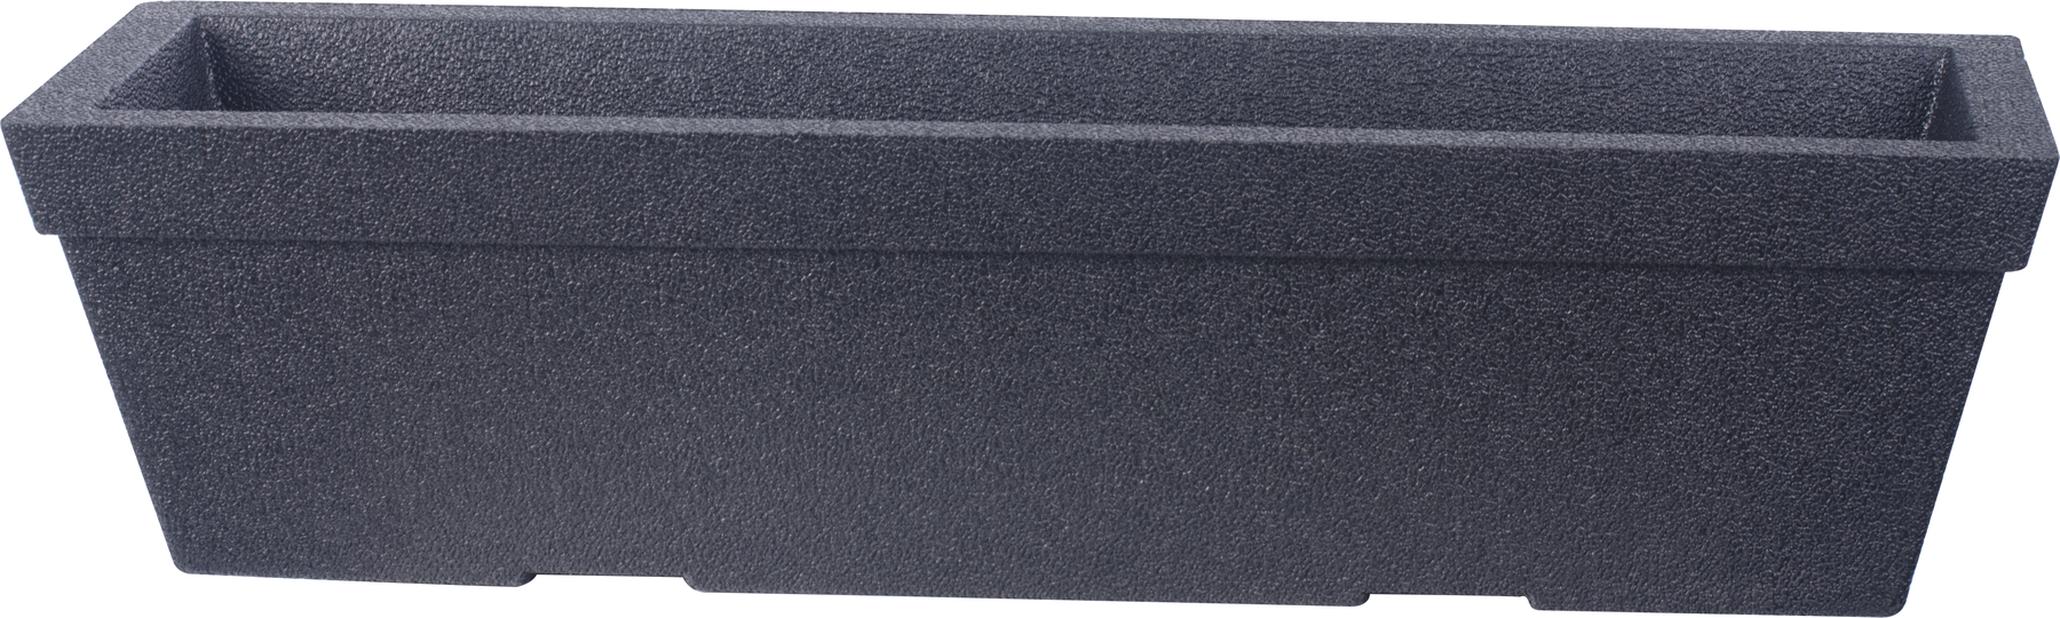 Balkonglåda Milla, Ø76 cm, Svart